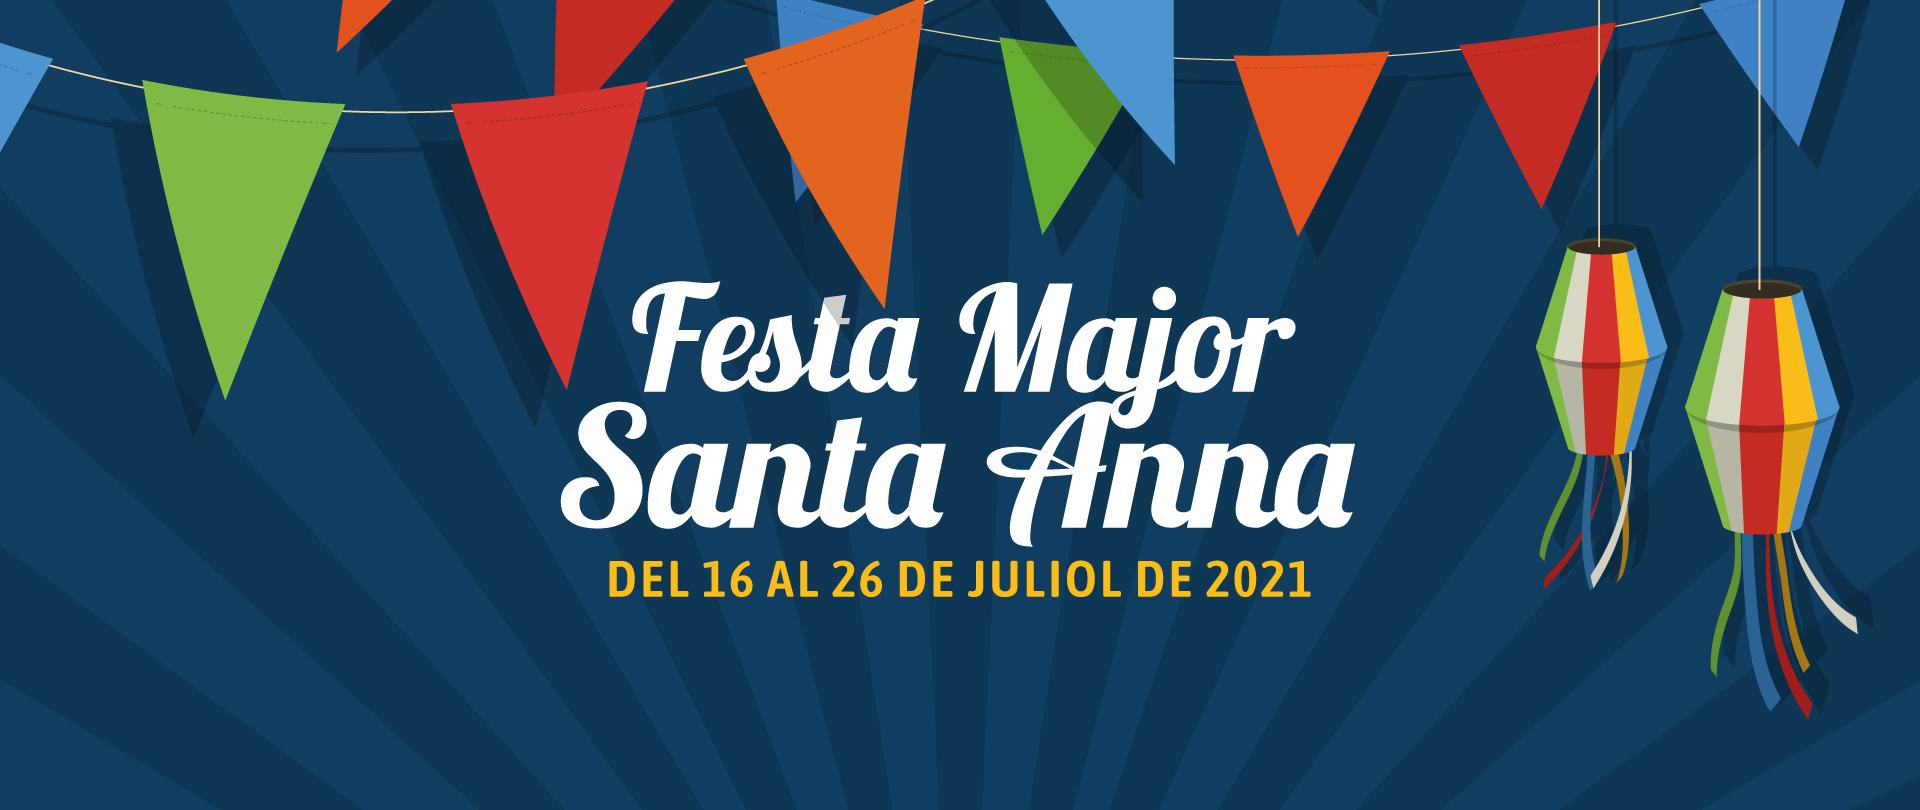 Festa Major de Santa Anna 2021